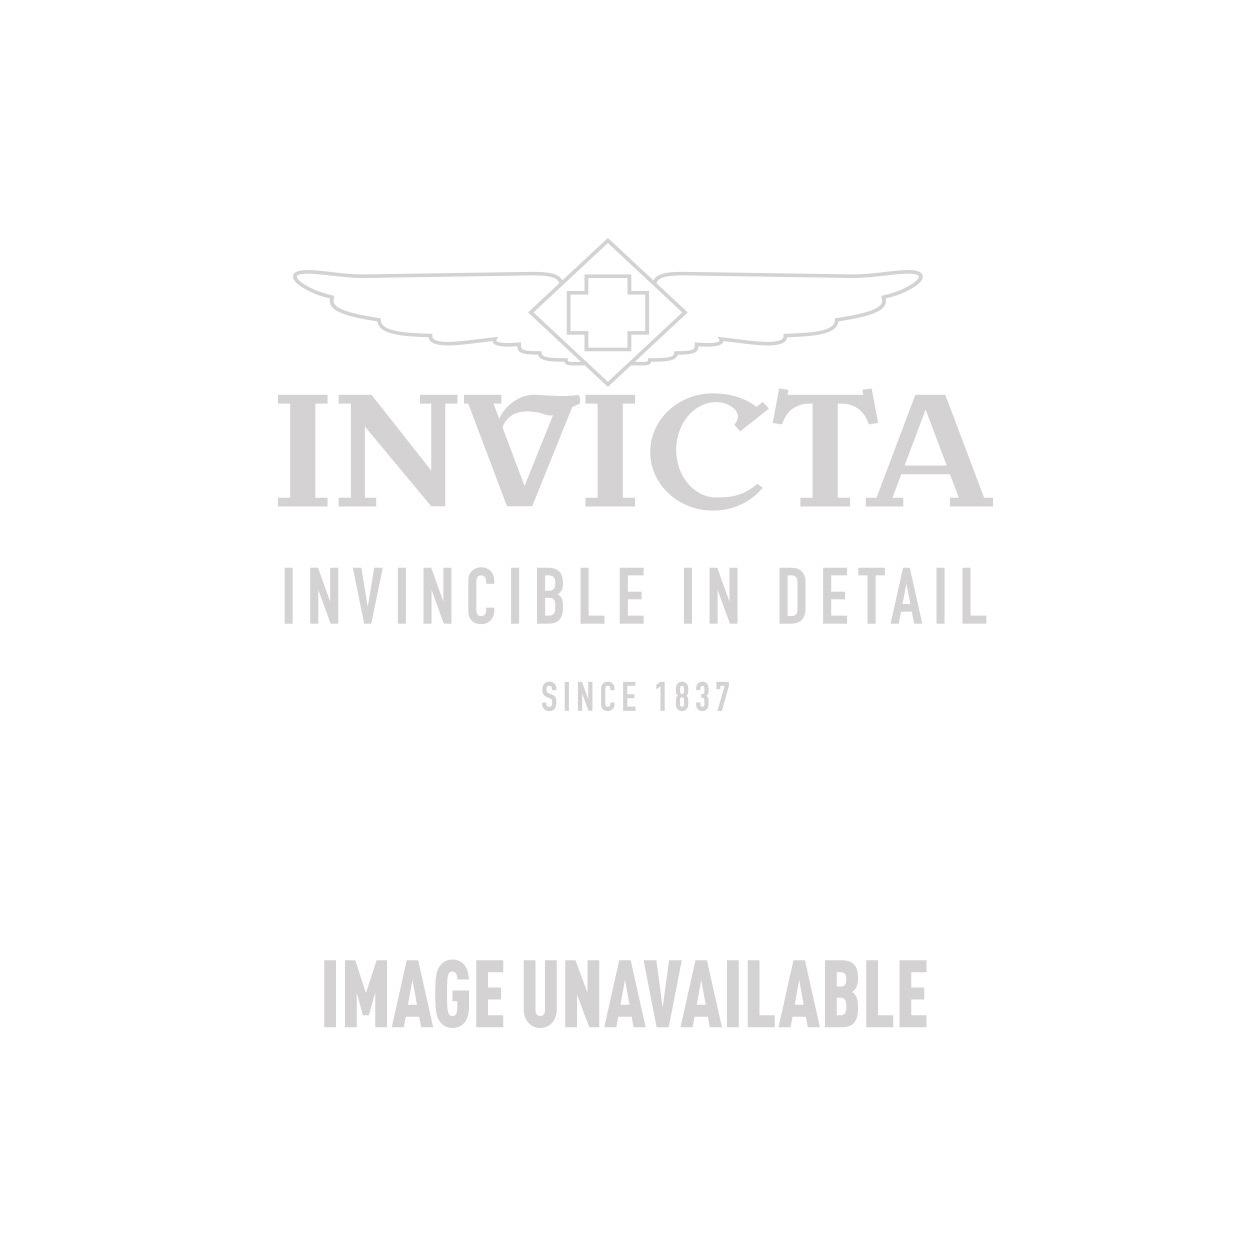 Invicta Corduba Quartz Watch - Black case with Red tone Leather band - Model 18996